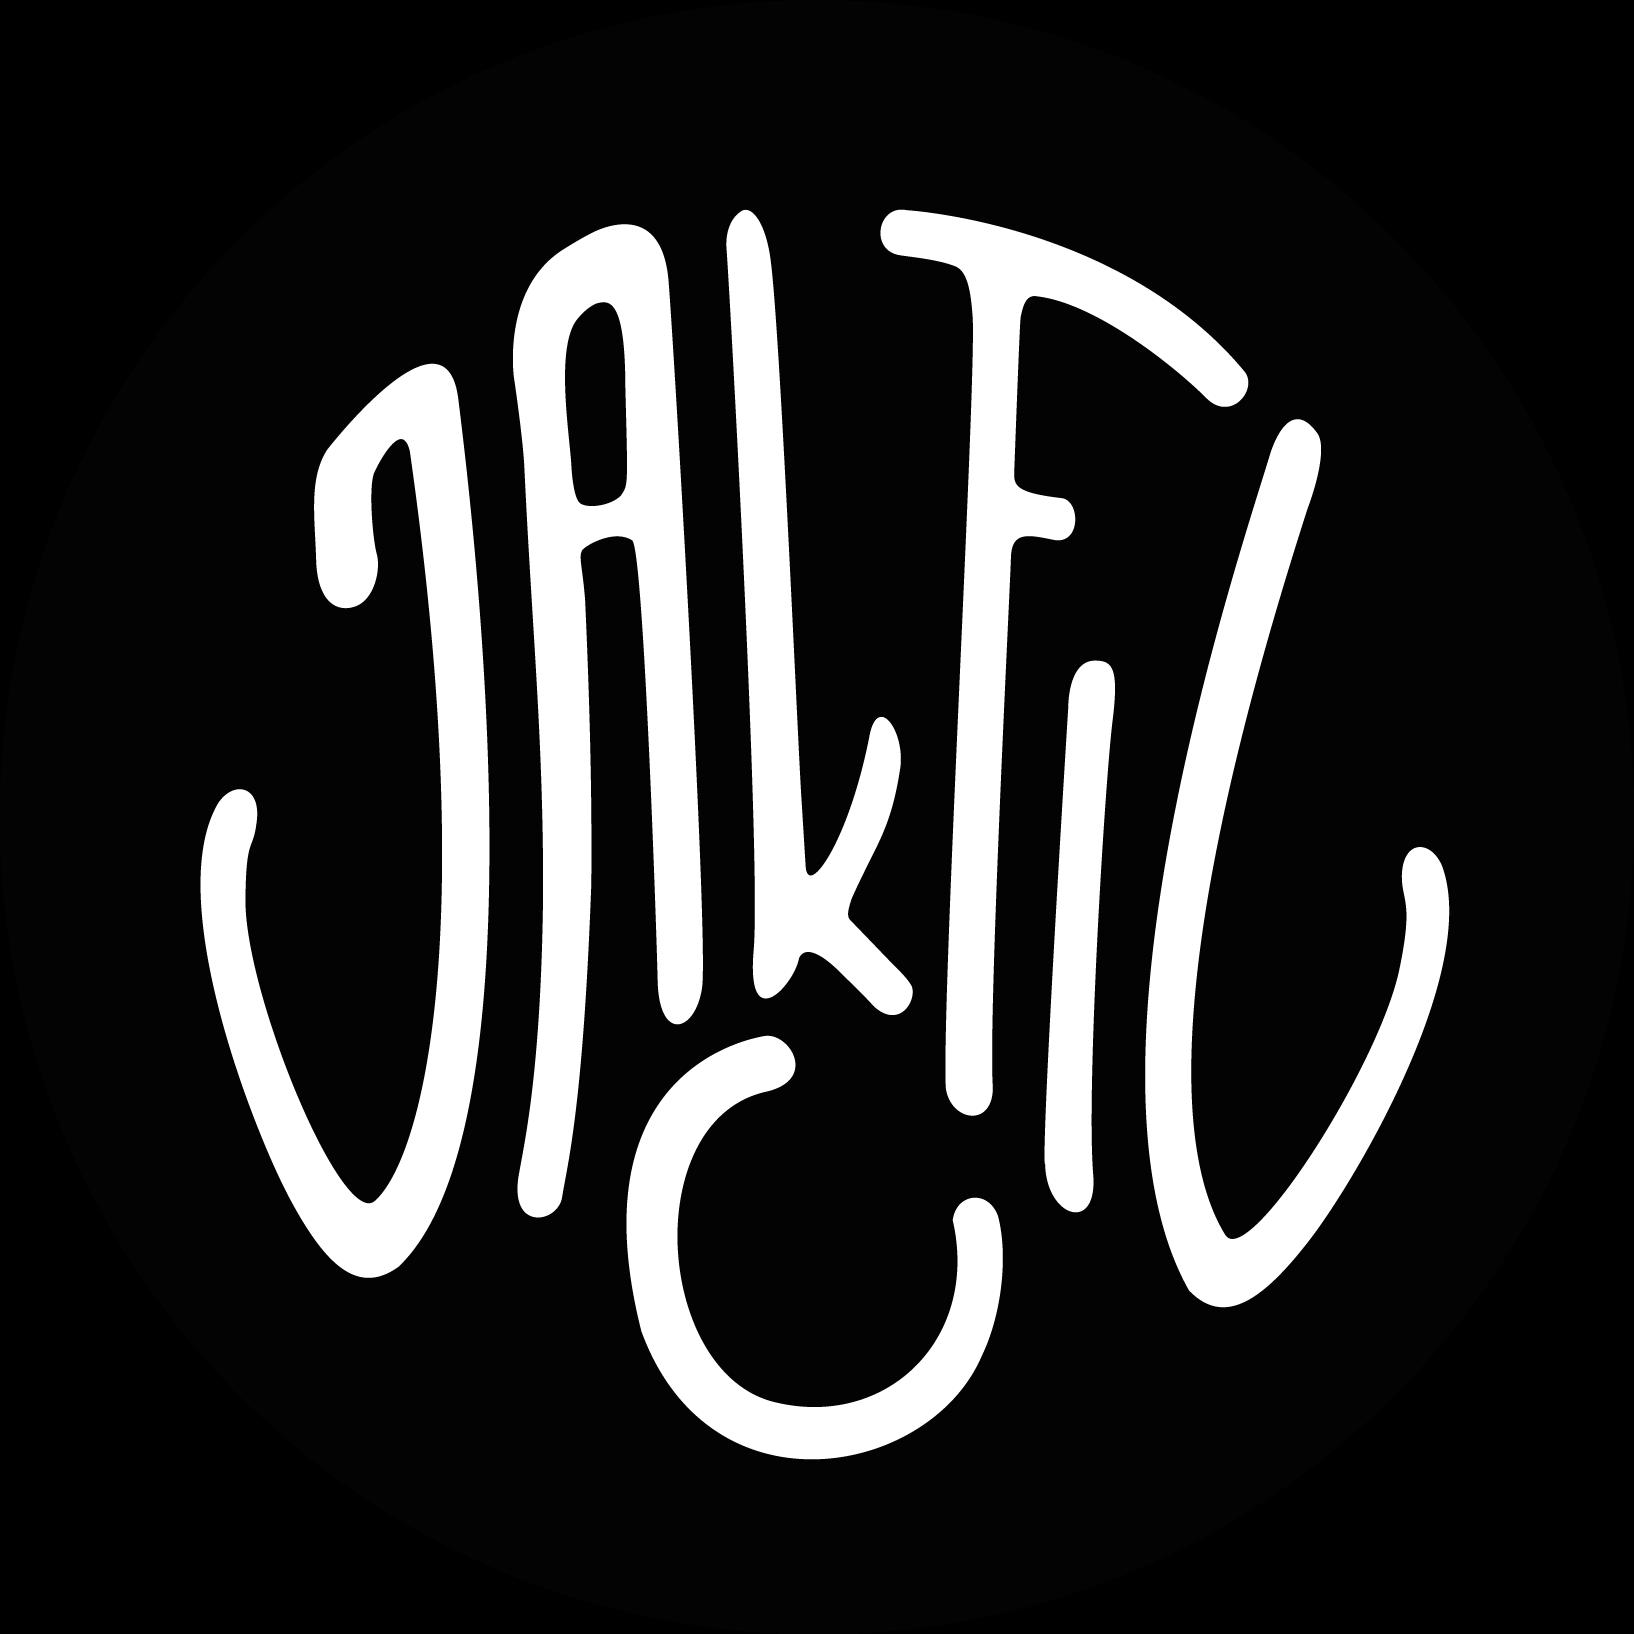 JACKFIL